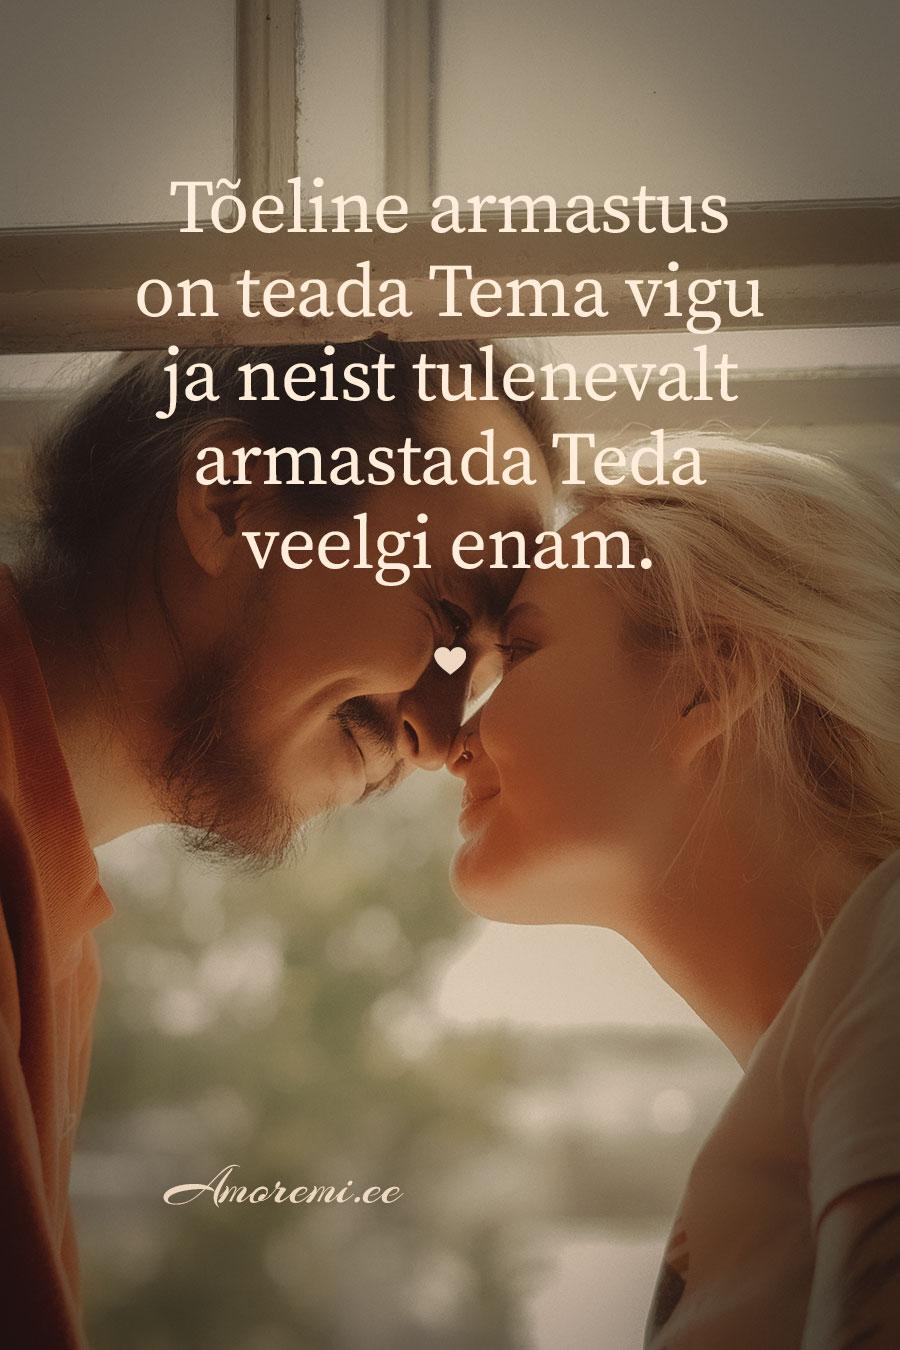 Amoremi tsitaadid: Tõeline armastus on teada..